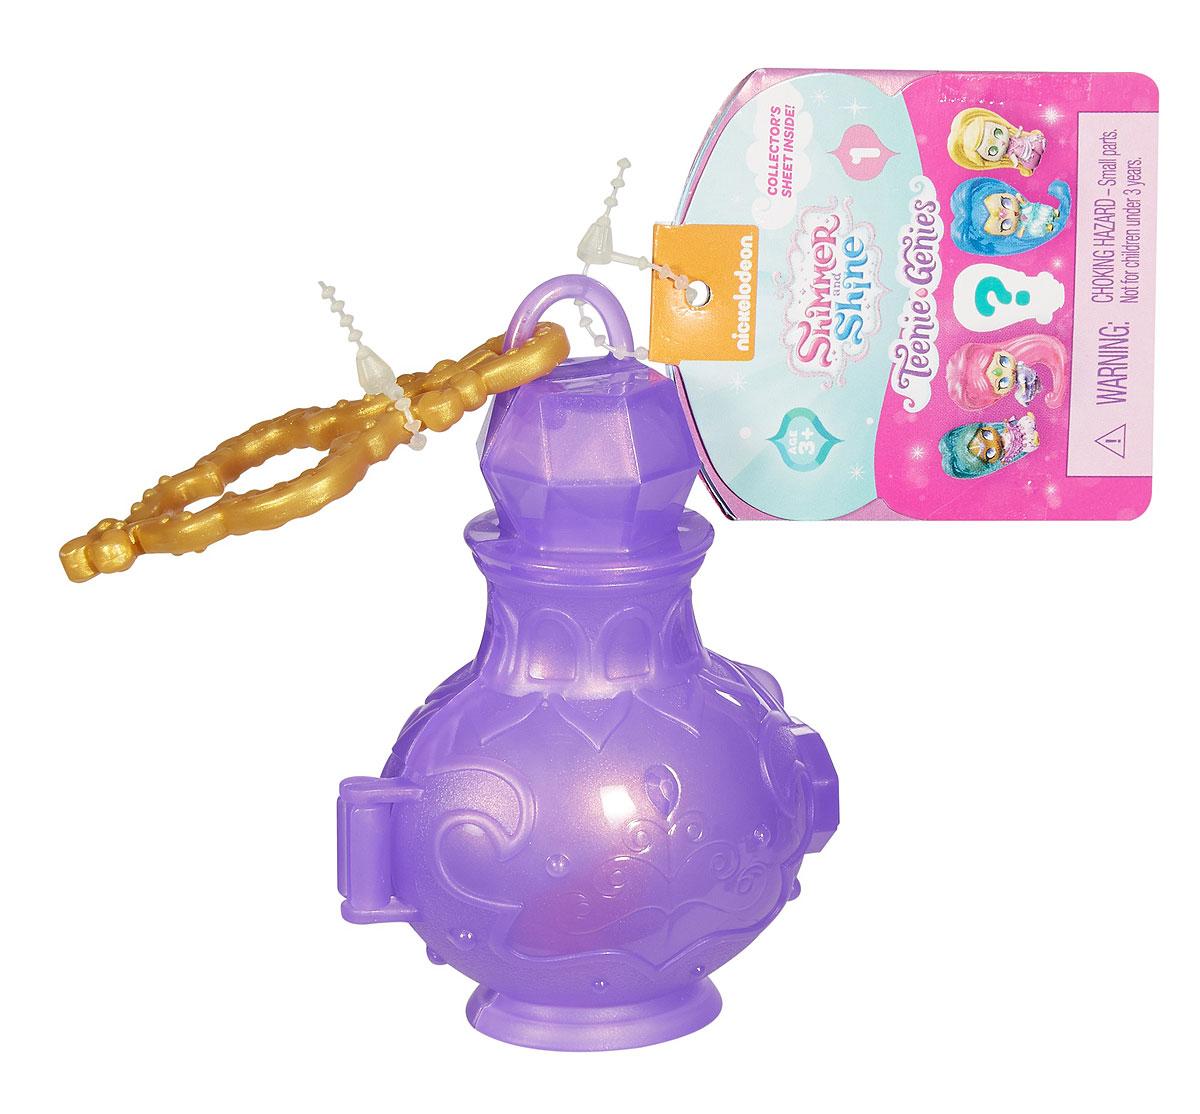 Shimmer & Shine Shimmer&Shine Волшебный джинник DTK47_DVD44DTK47_DVD44Подарите вашему ребенку радость с наборами Волшебный сосуд джиннов из серии Крошечные джинны! Внутри этой маленькой волшебной бутылки живет загадочный джинн! У каждой бутылочки — удобная застежка, чтобы брать ваших джиннов с собой куда угодно! В коллекции более 130 джиннов из разных серий! Ищите также летающих крошечных джиннов! Эти особые джинны выглядят так, будто летят по воздуху! Они отлично подходят к набору Летающий дворец джиннов! Смотрите, они летят из гостиной джиннов прямо в Зеркальную комнату!